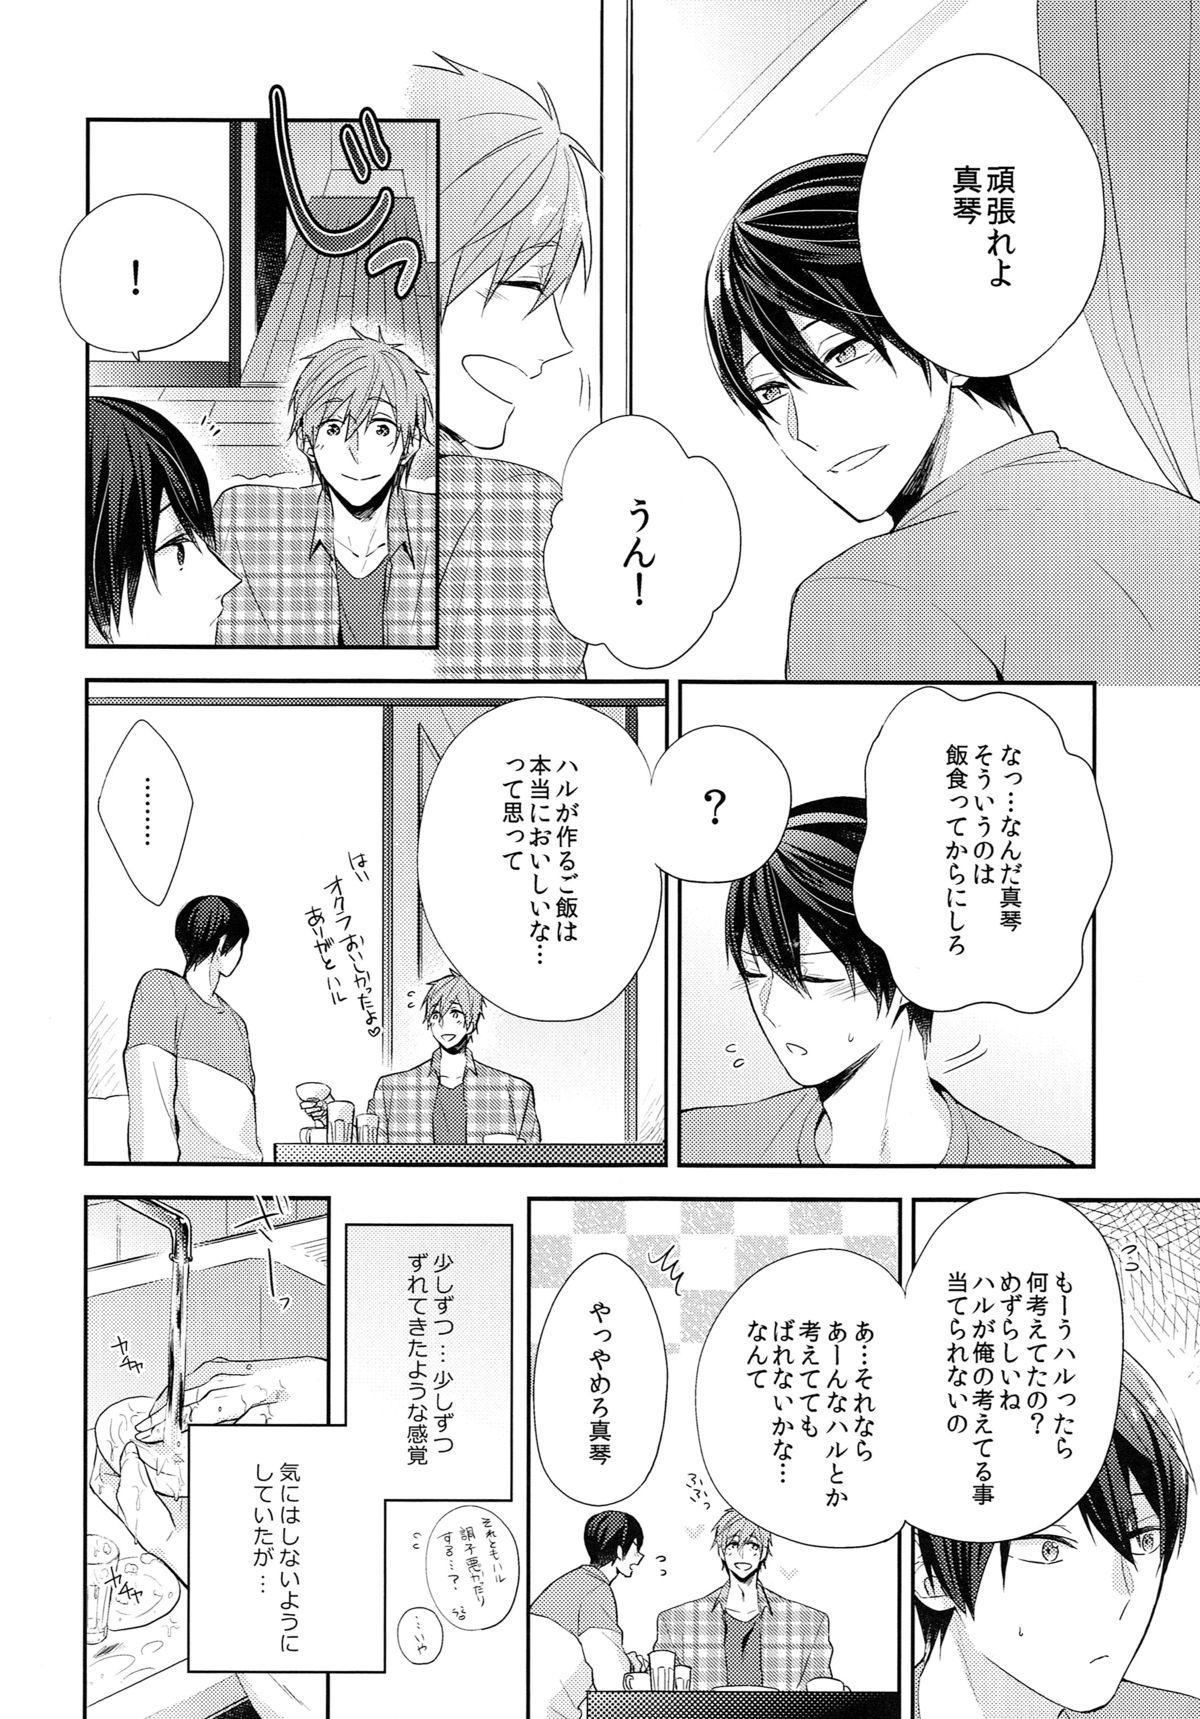 Tsunagaru Heart 6